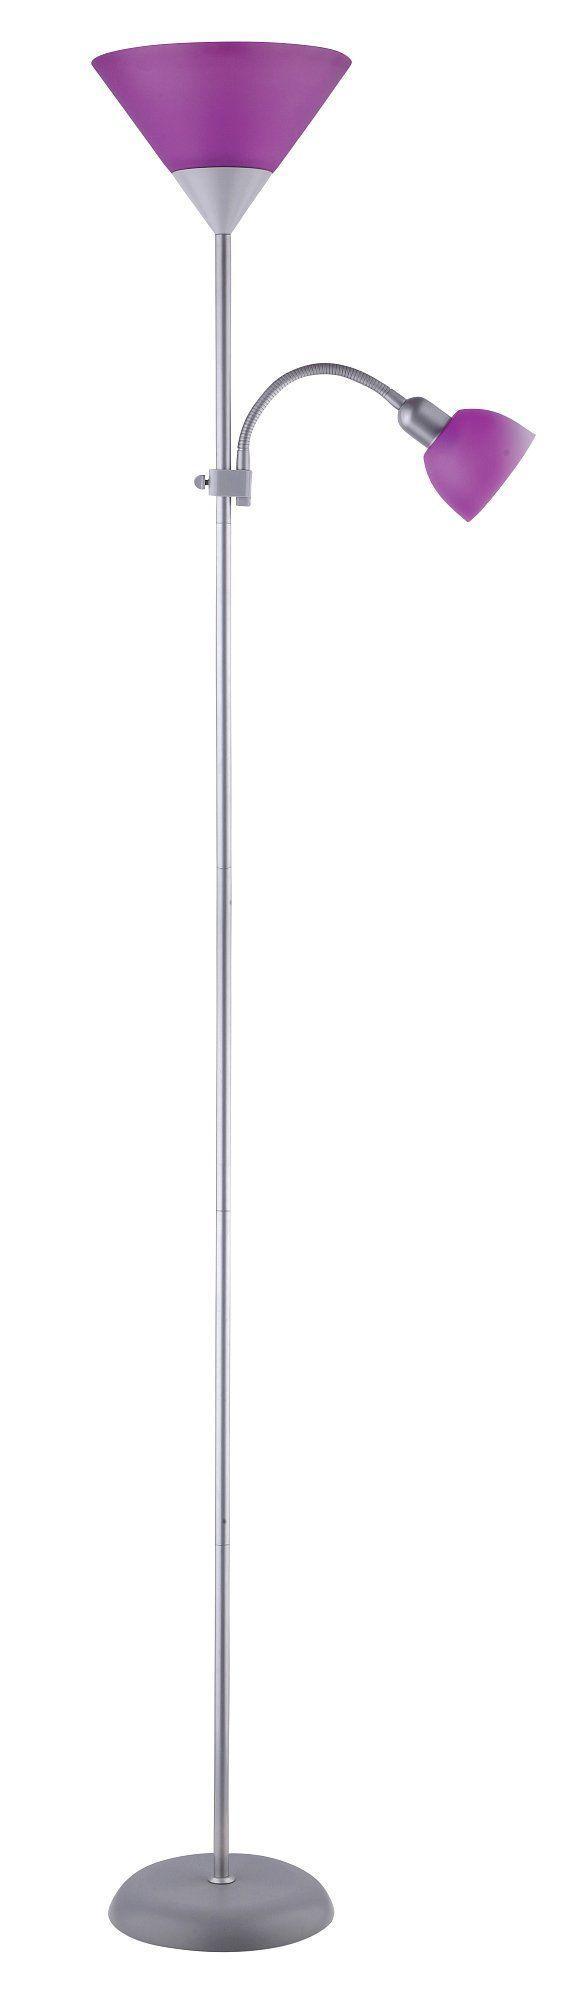 Stojanová lampa Action 4020 (strieborná + fialová)